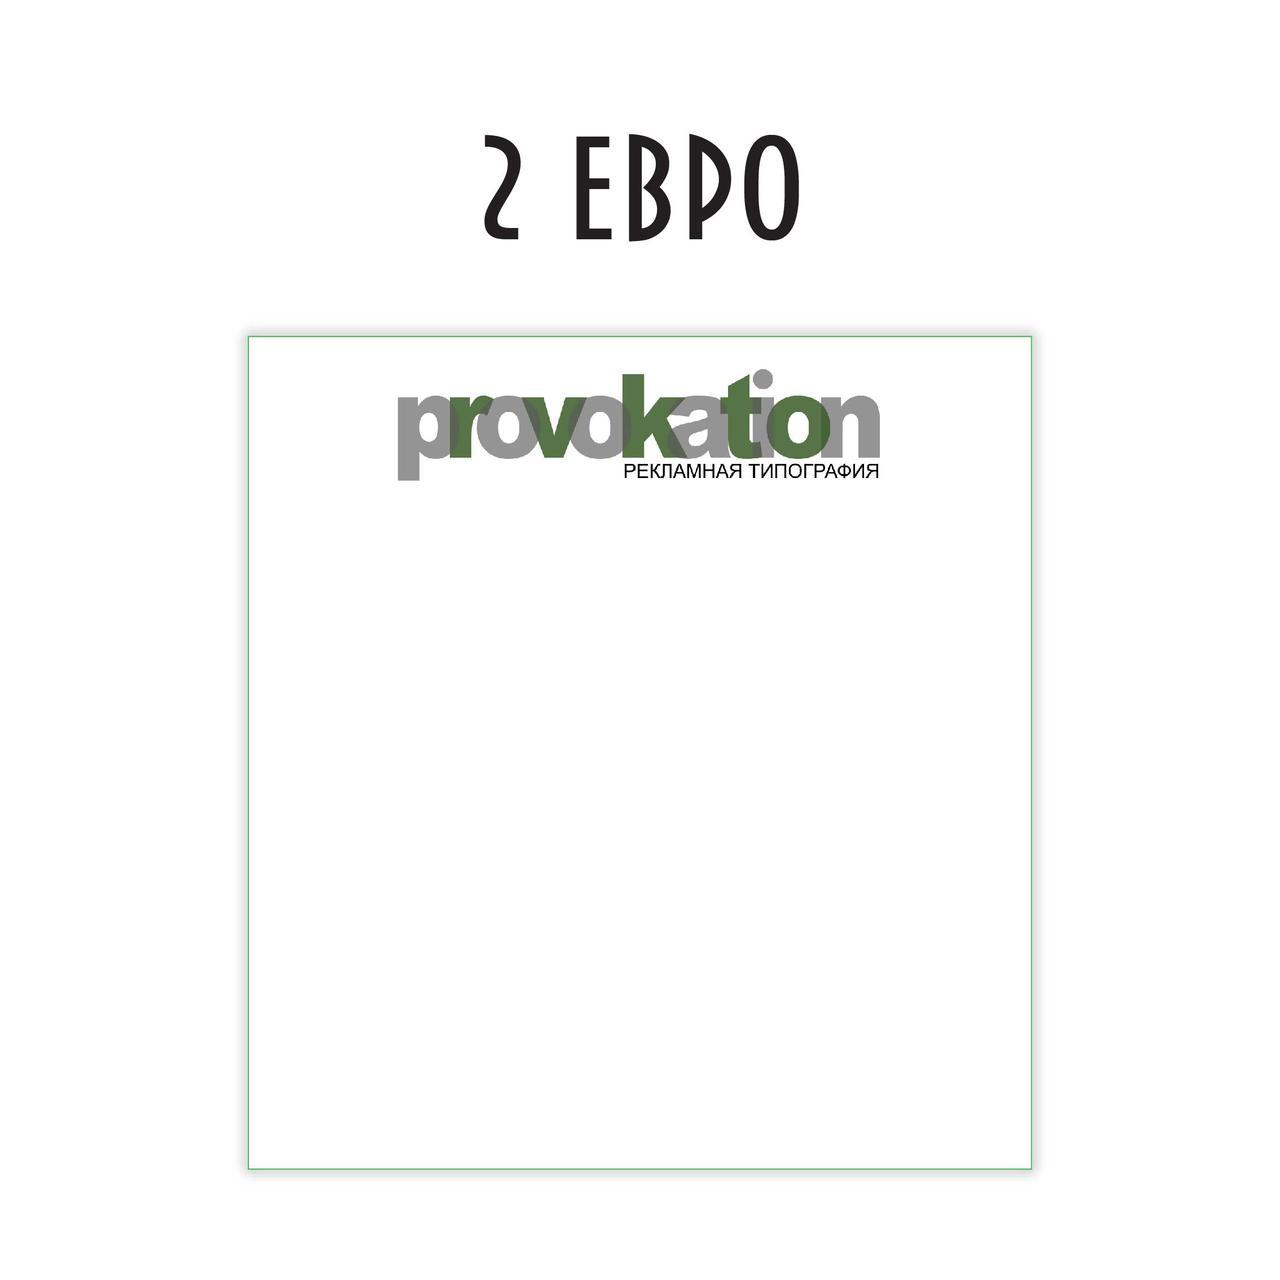 Изготовление листовок 198х210мм (2 Евро)